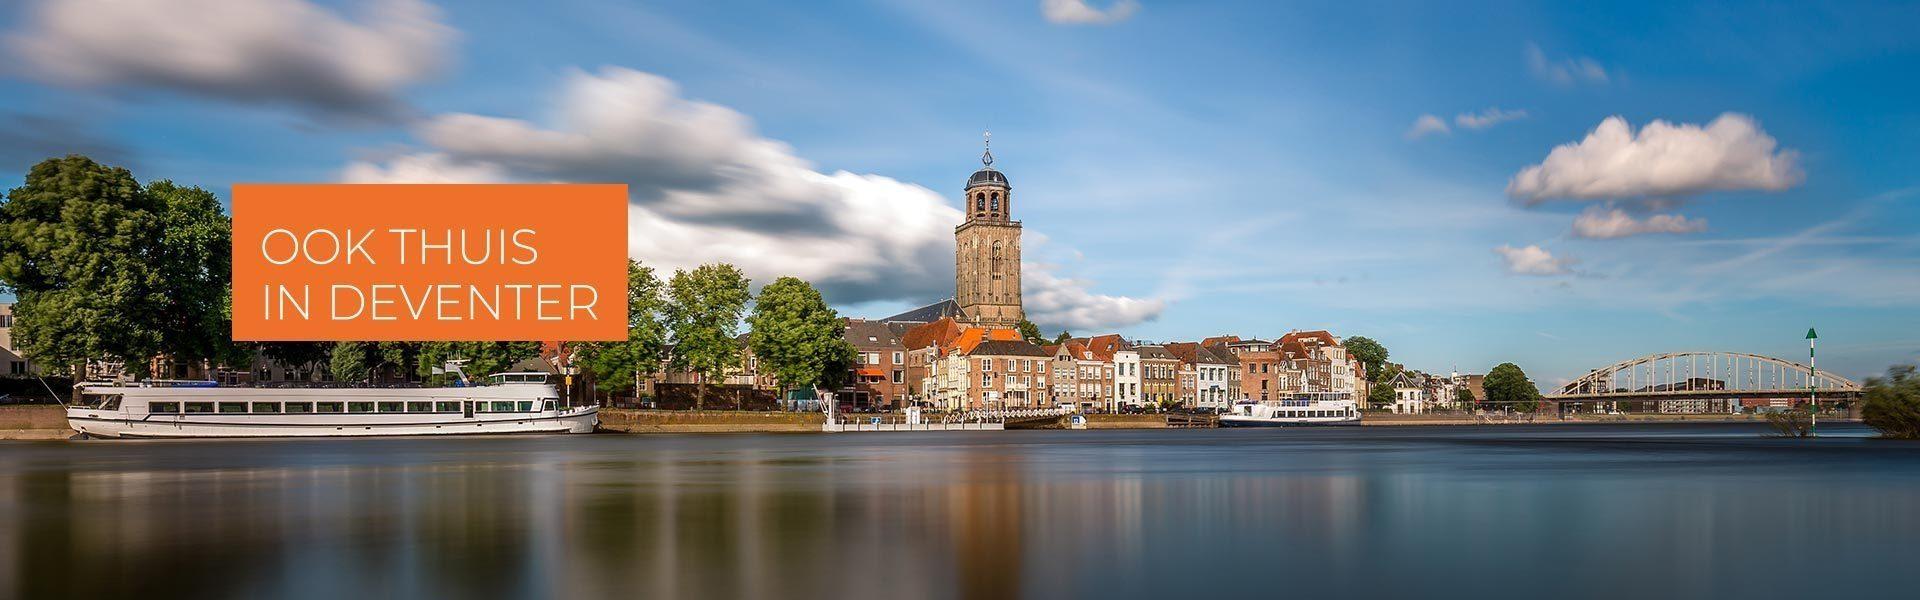 Ook thuis in Deventer